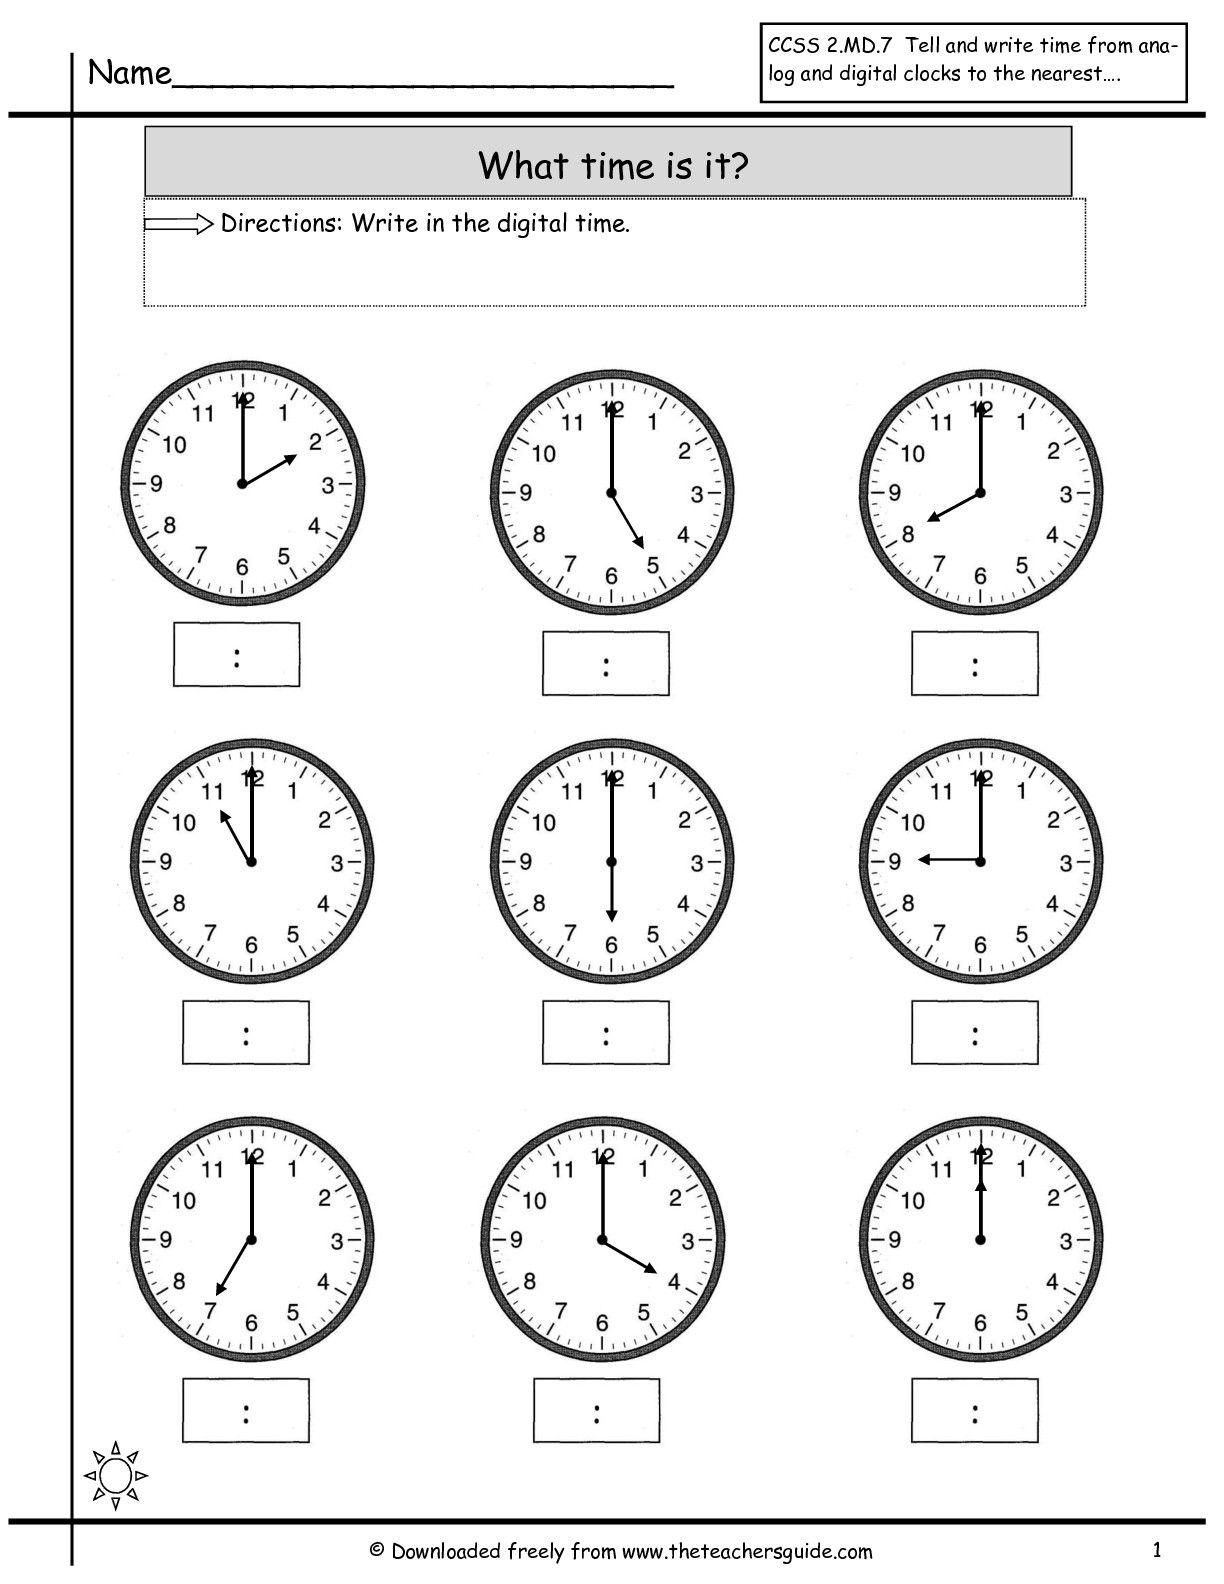 telling time worksheet | Homeshcooling work | Pinterest